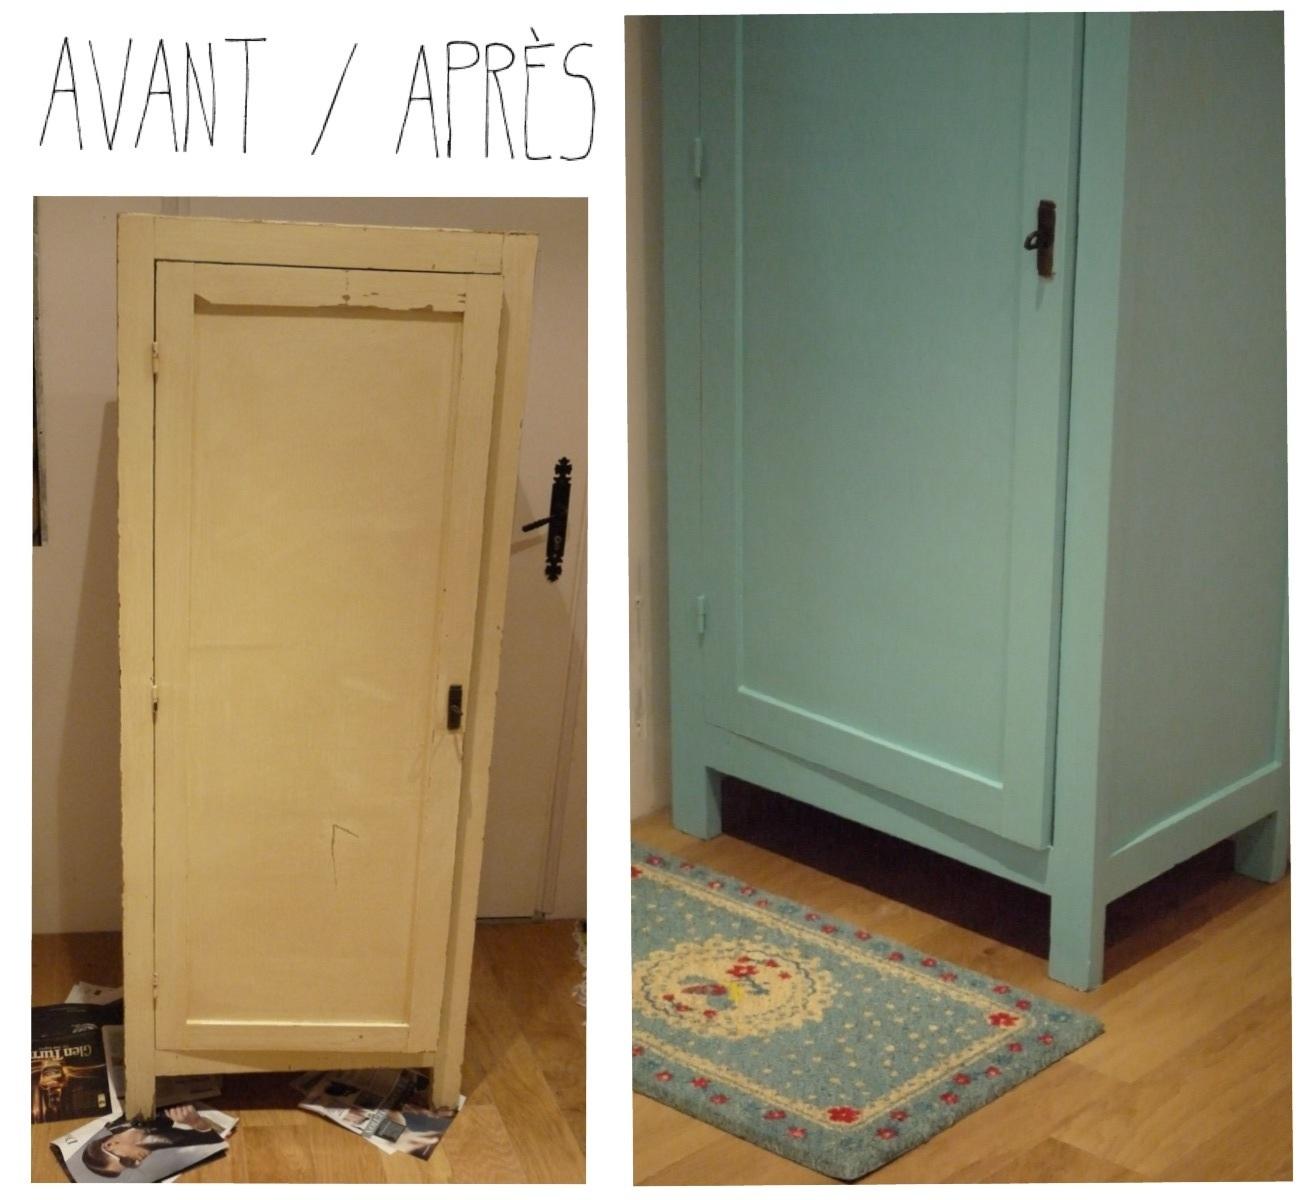 Design peindre meuble comment peindre un meuble en bois for Meubles montreal st denis